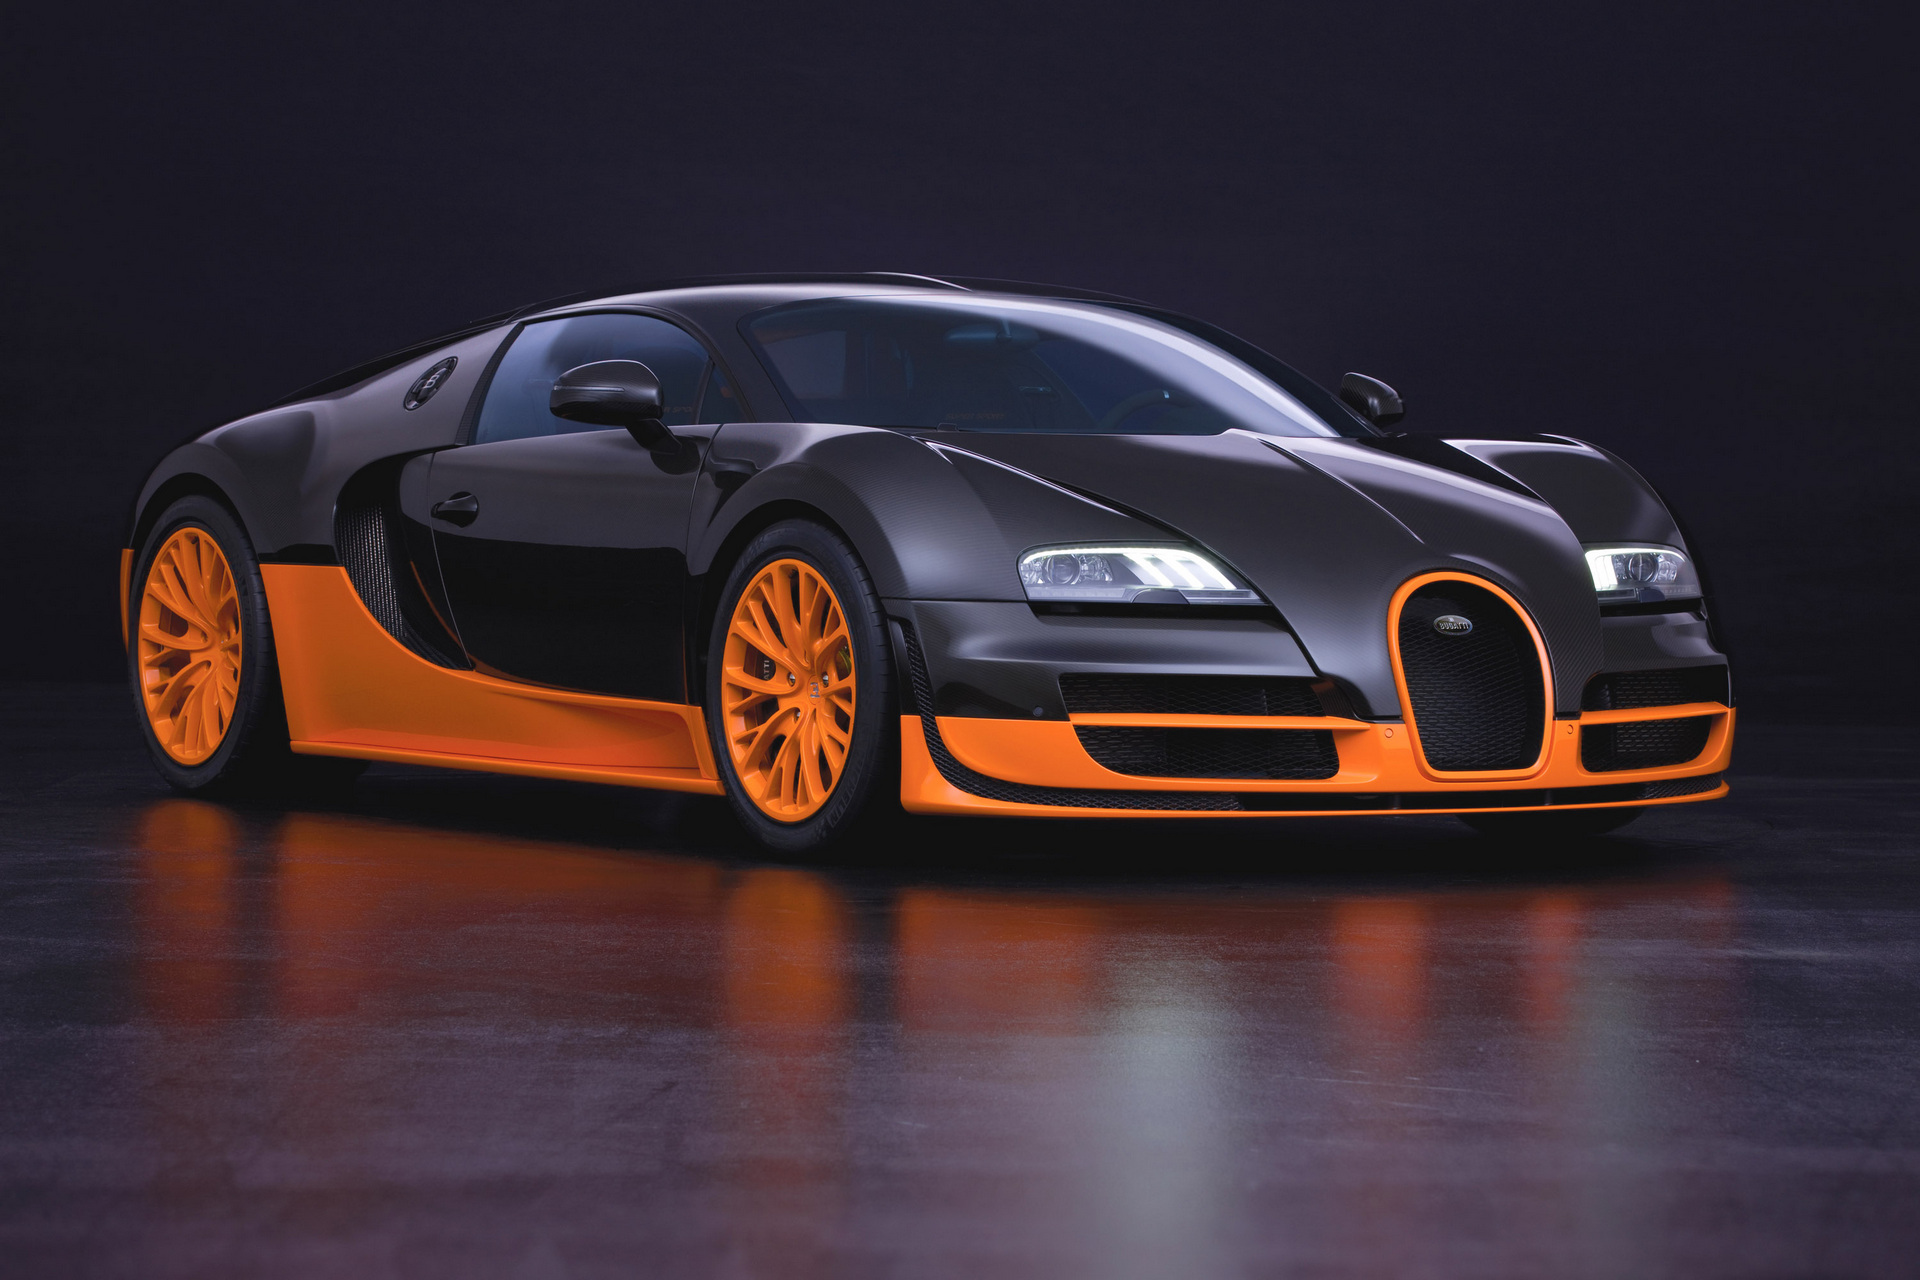 Who makes bugatti cars